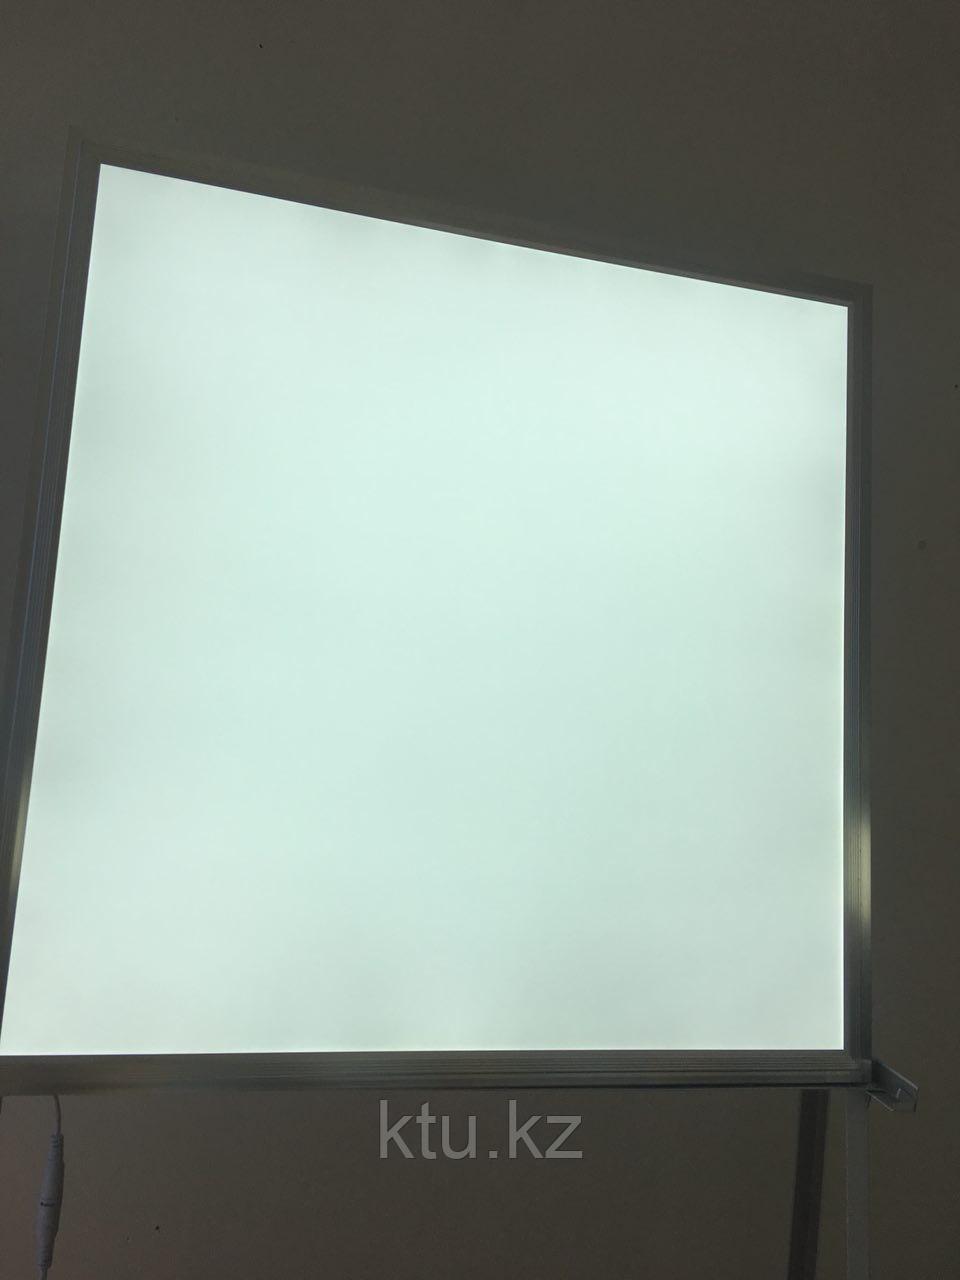 Светильник под армстронг JL-6060 36W 1 год гарантия: 13.48$